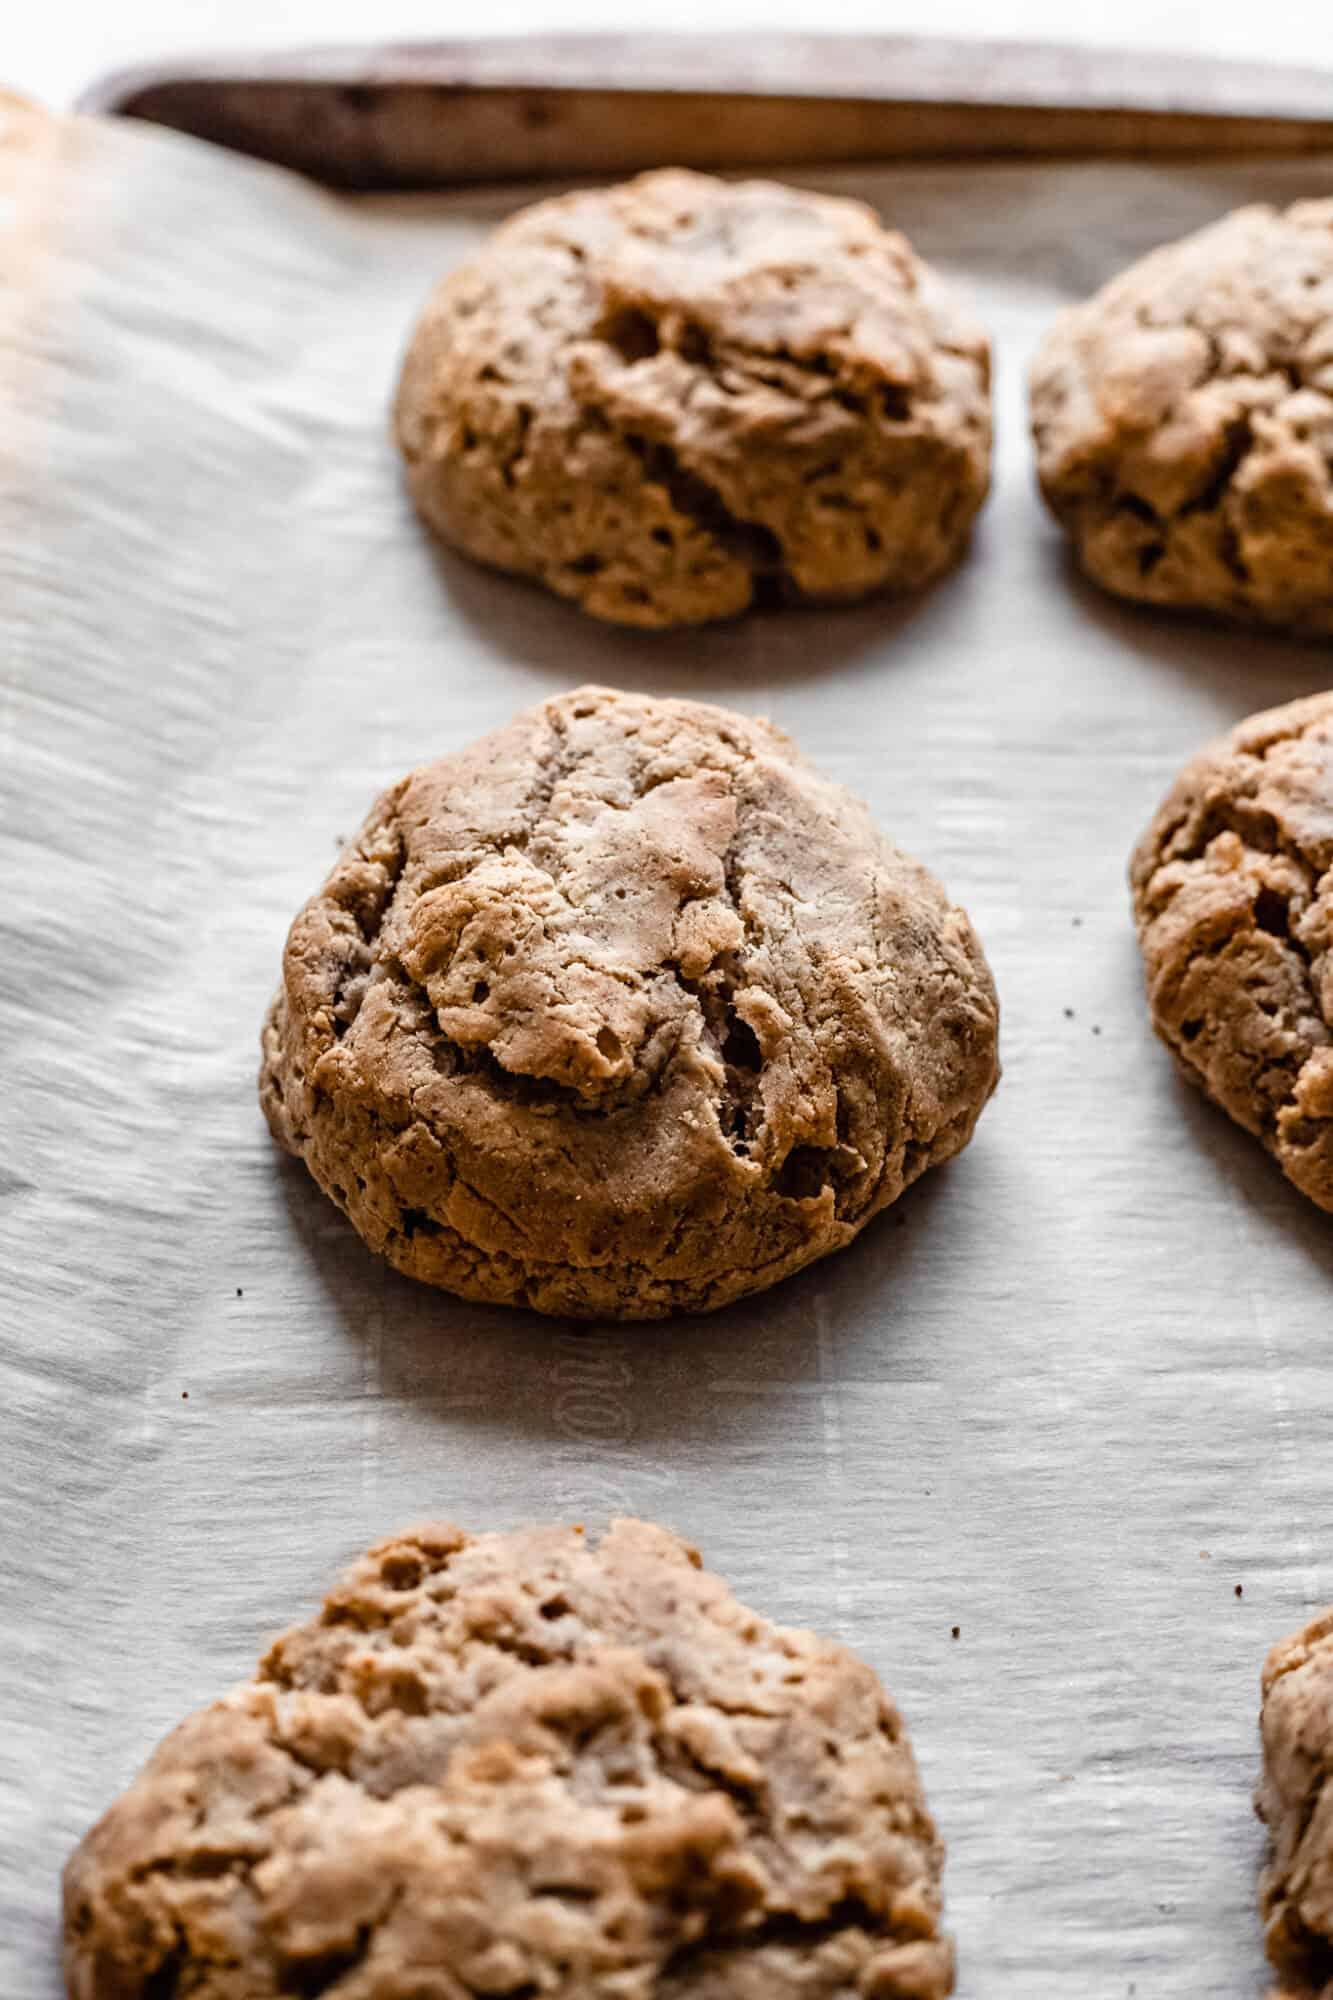 baked vegan biscuits